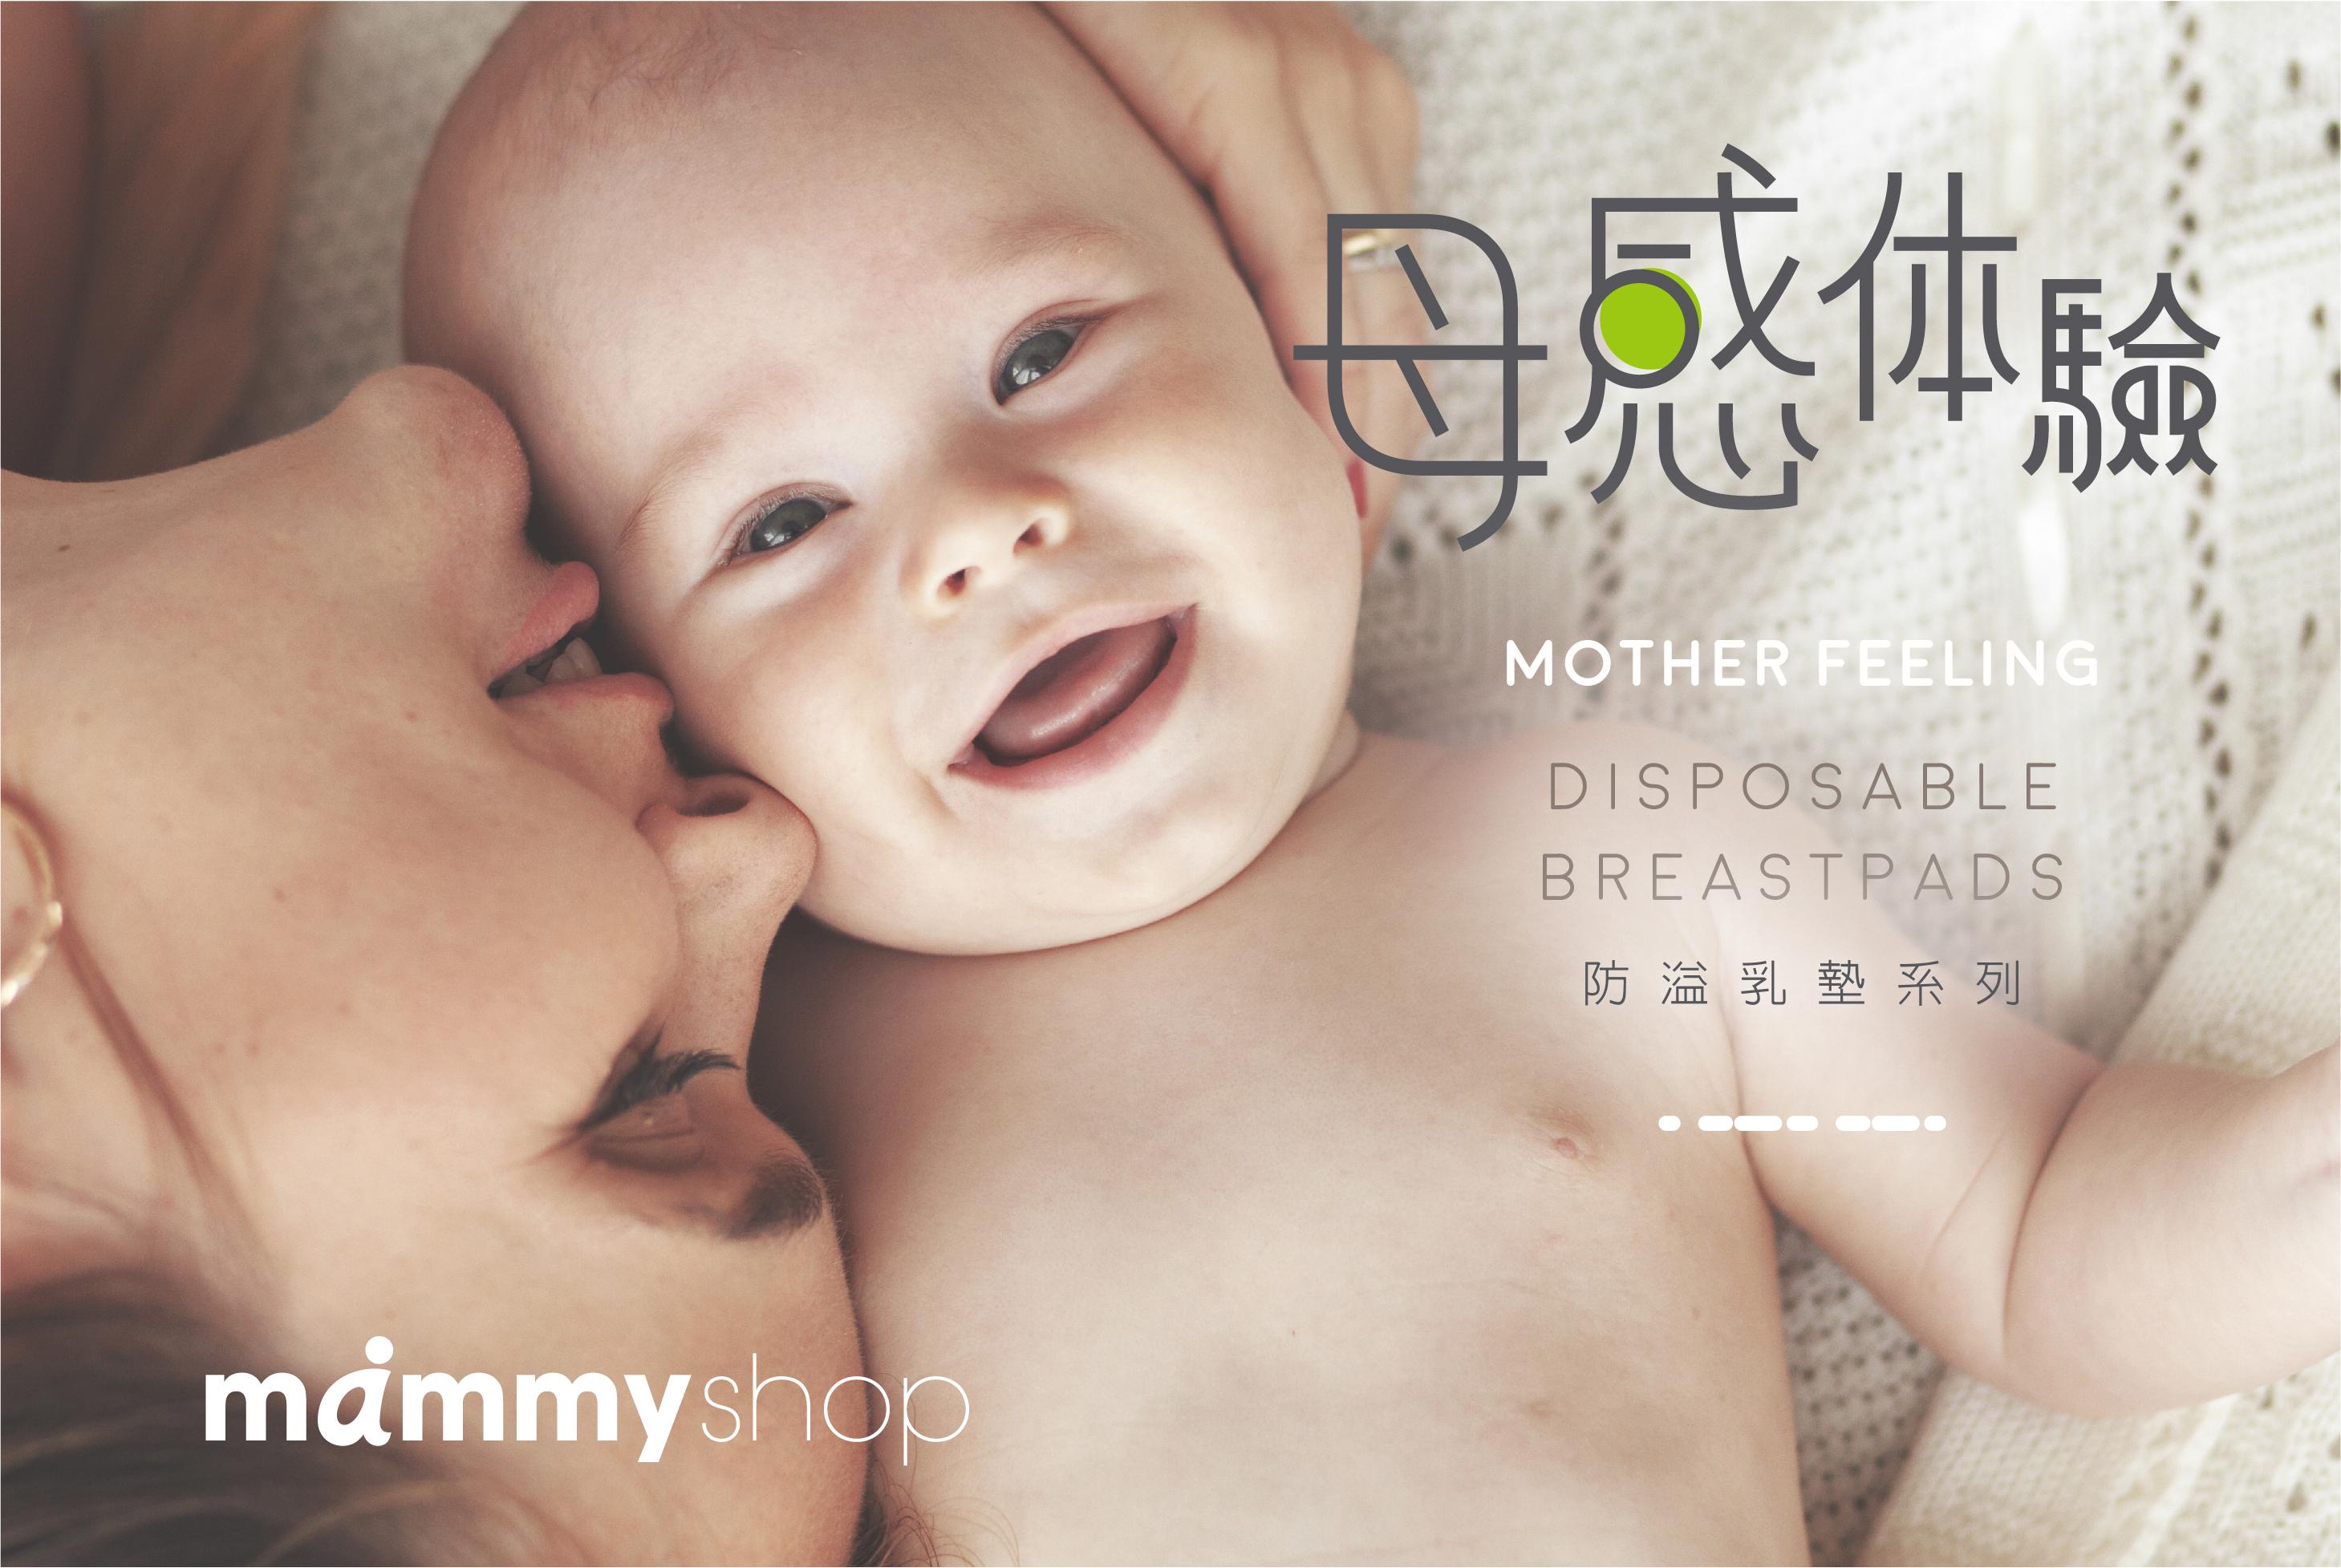 3D防溢乳墊-母感體驗banner